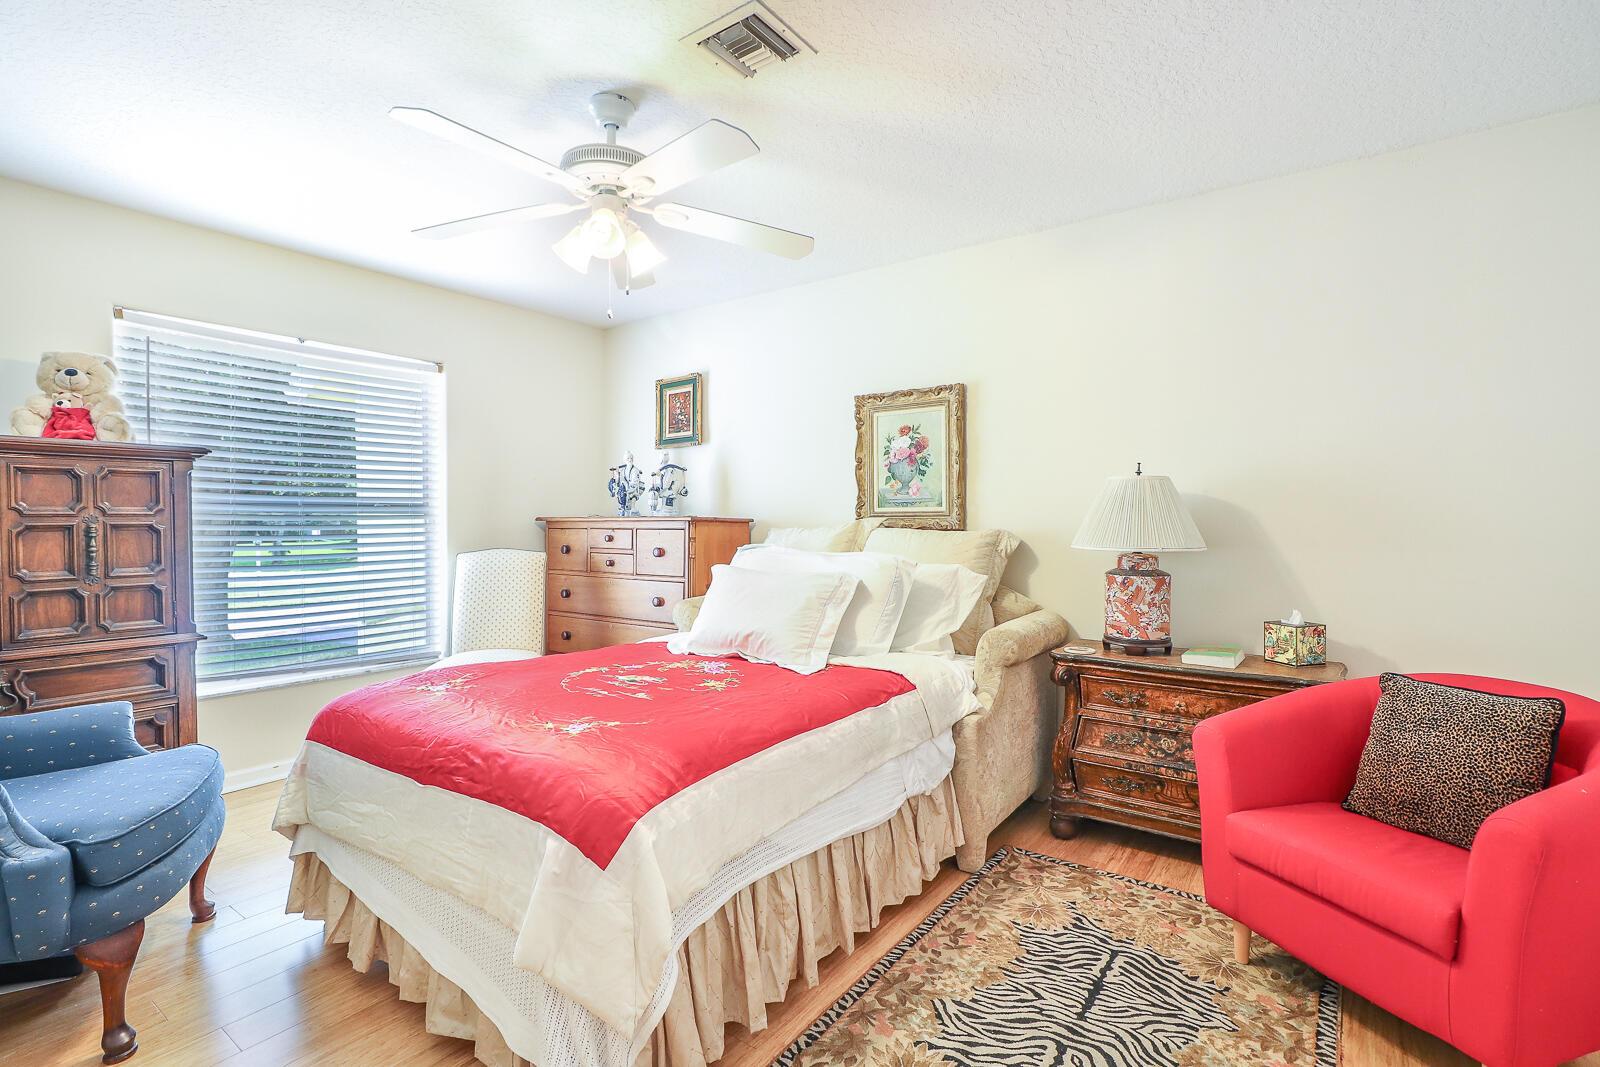 36-Bedroom 2